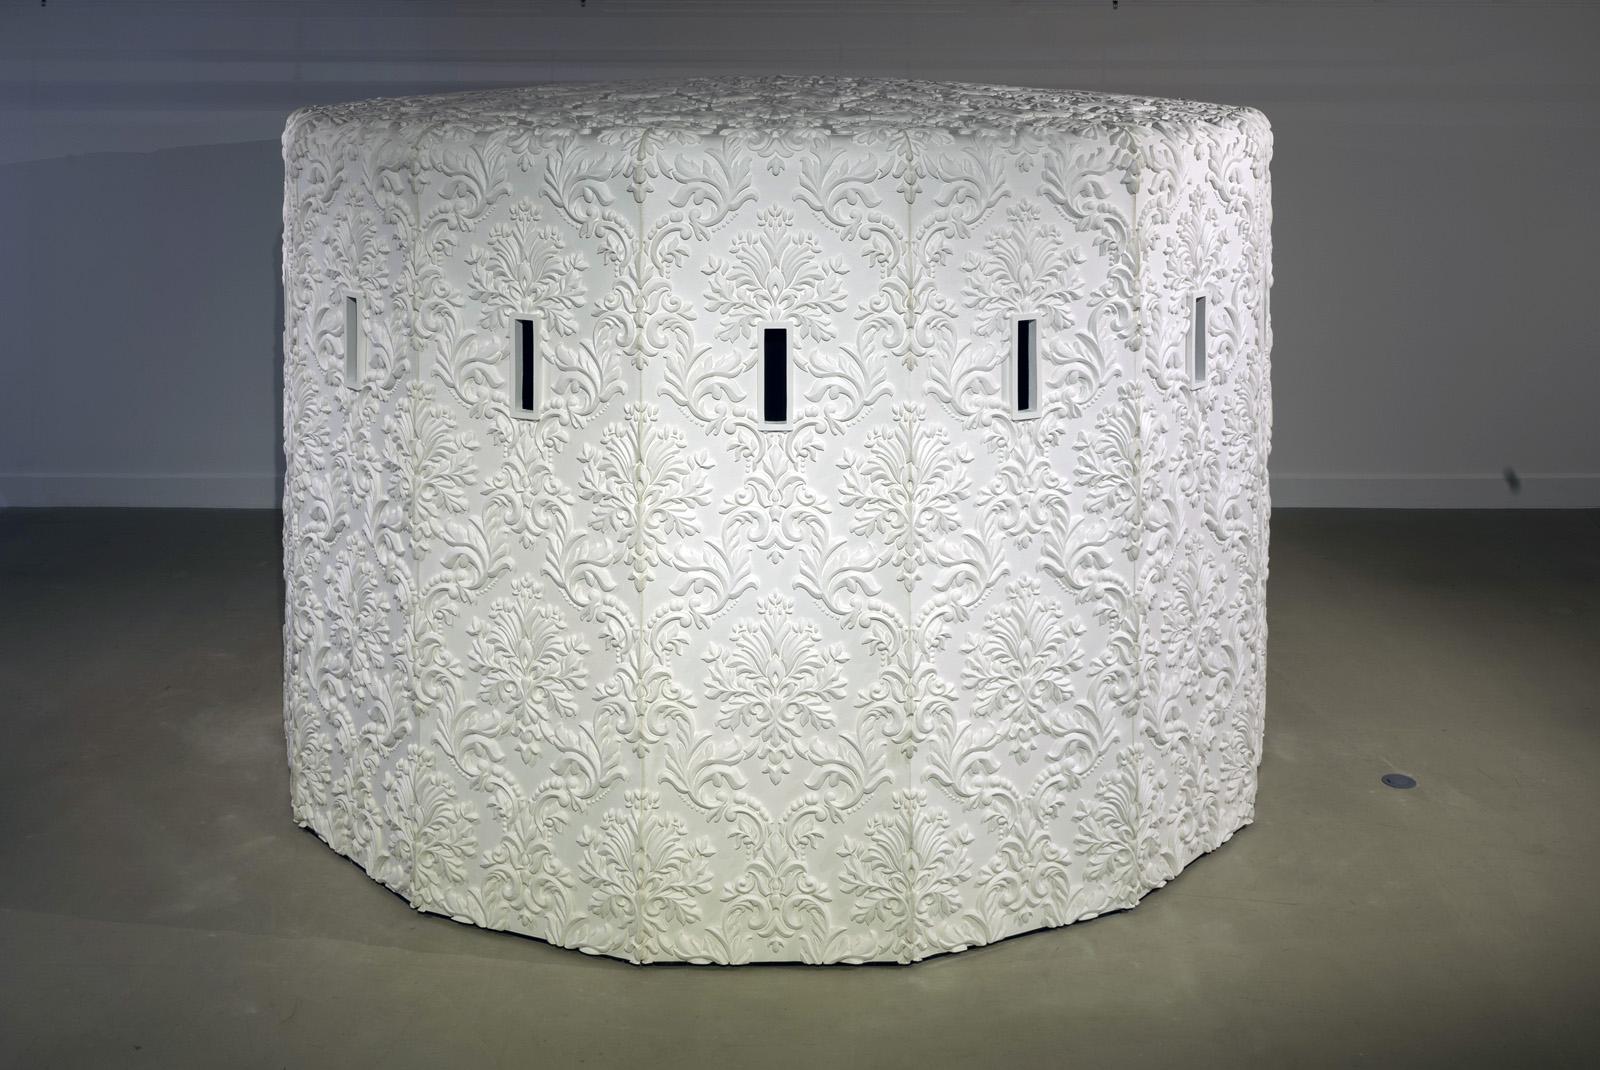 Brett Graham's Tai Moana Tai Tangata exhibition at Govett-Brewster Art Gallery, New Plymouth, New Zealand